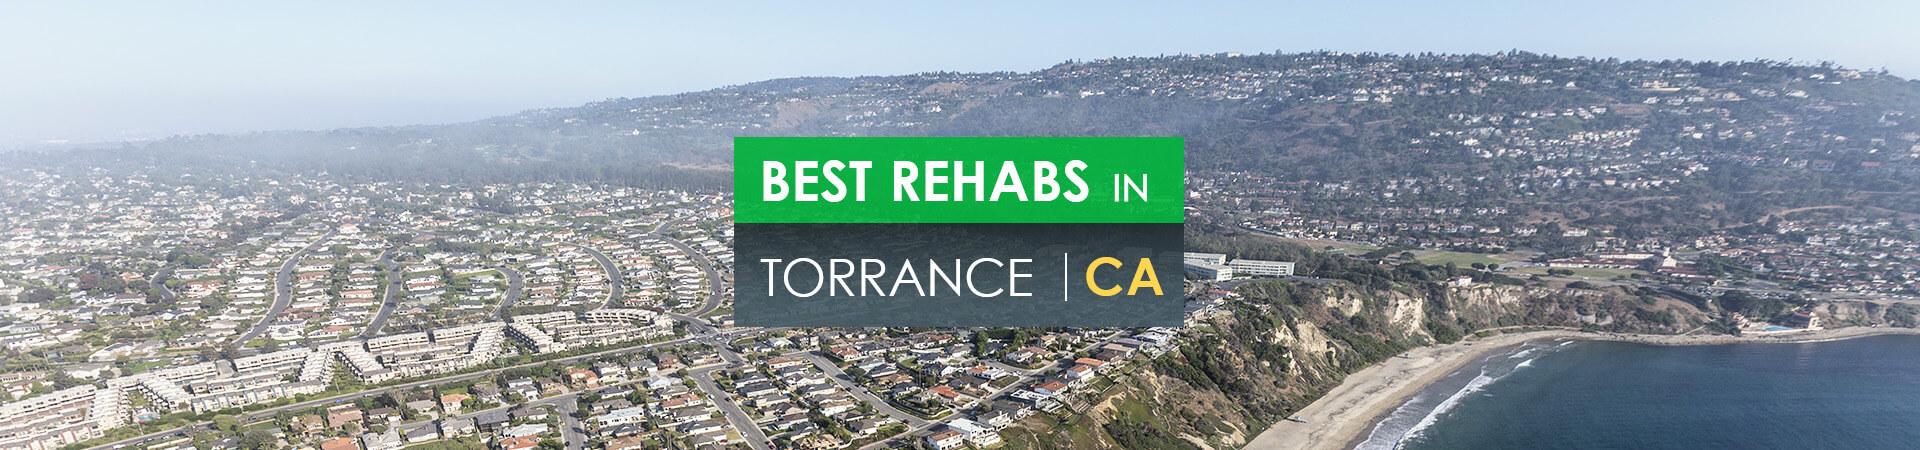 Best rehabs in Torrance, CA